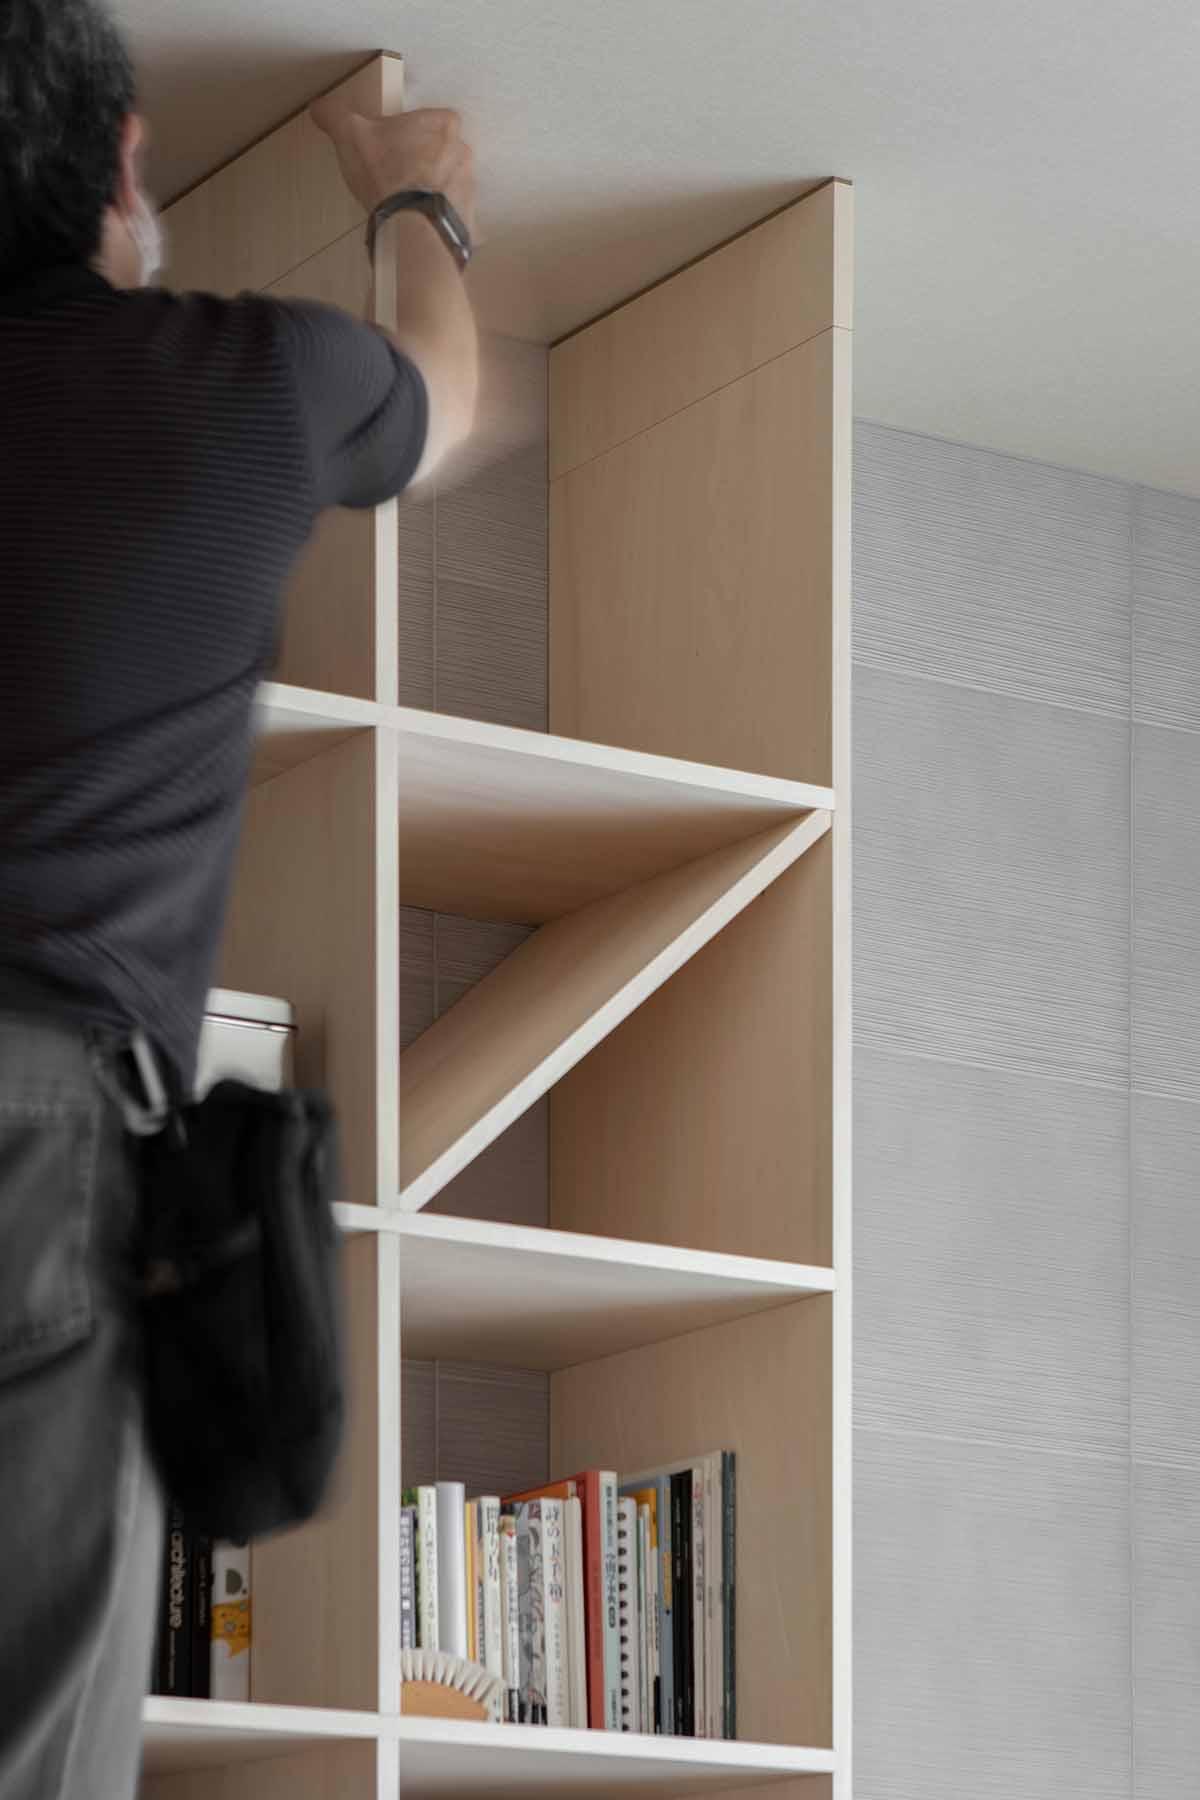 リビングの壁一面をアナログレコードで | 壁一面の本棚 奥行350mm / Shelf (No.130) | マルゲリータ使用例 シンプル おしゃれ 部屋 インテリア レイアウト